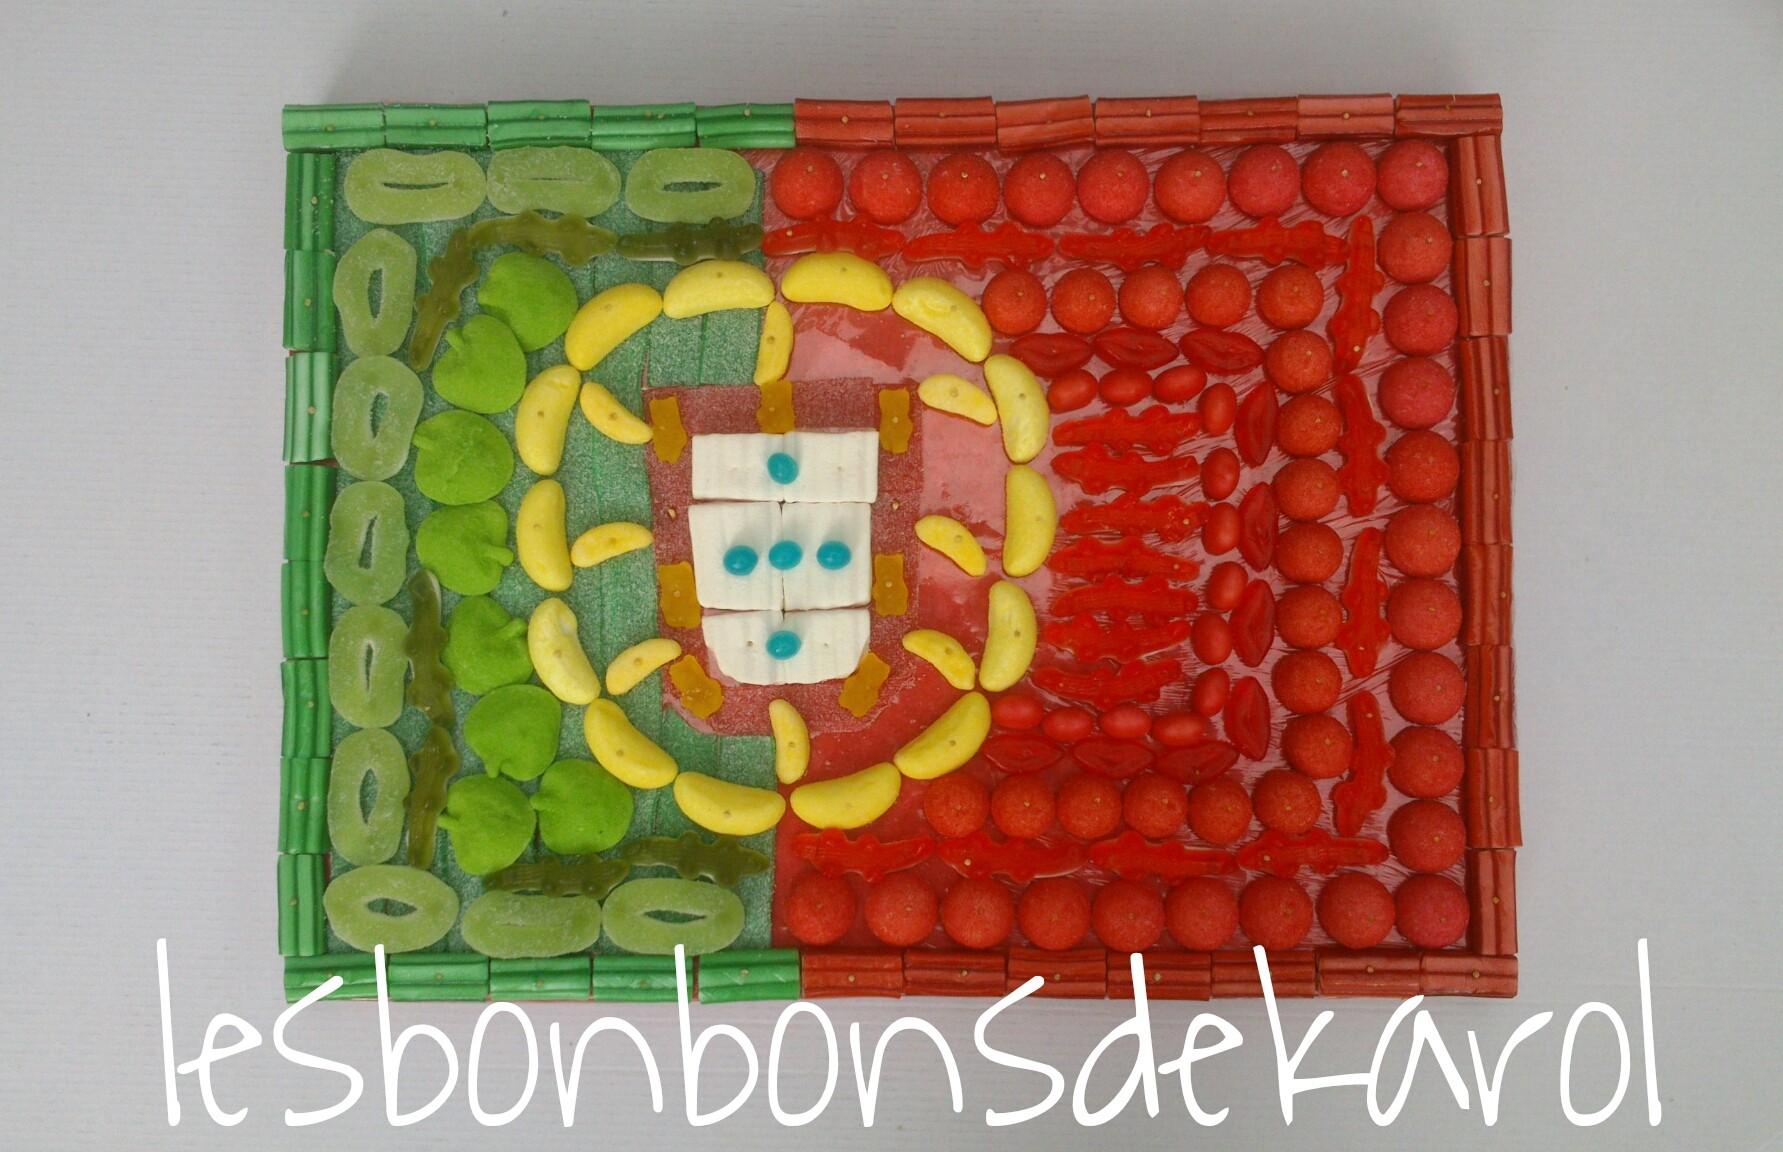 DRAPEAU PORTUGAL 32 € (870 gr et 194 bonbons - plaque 40 x 30 cm)